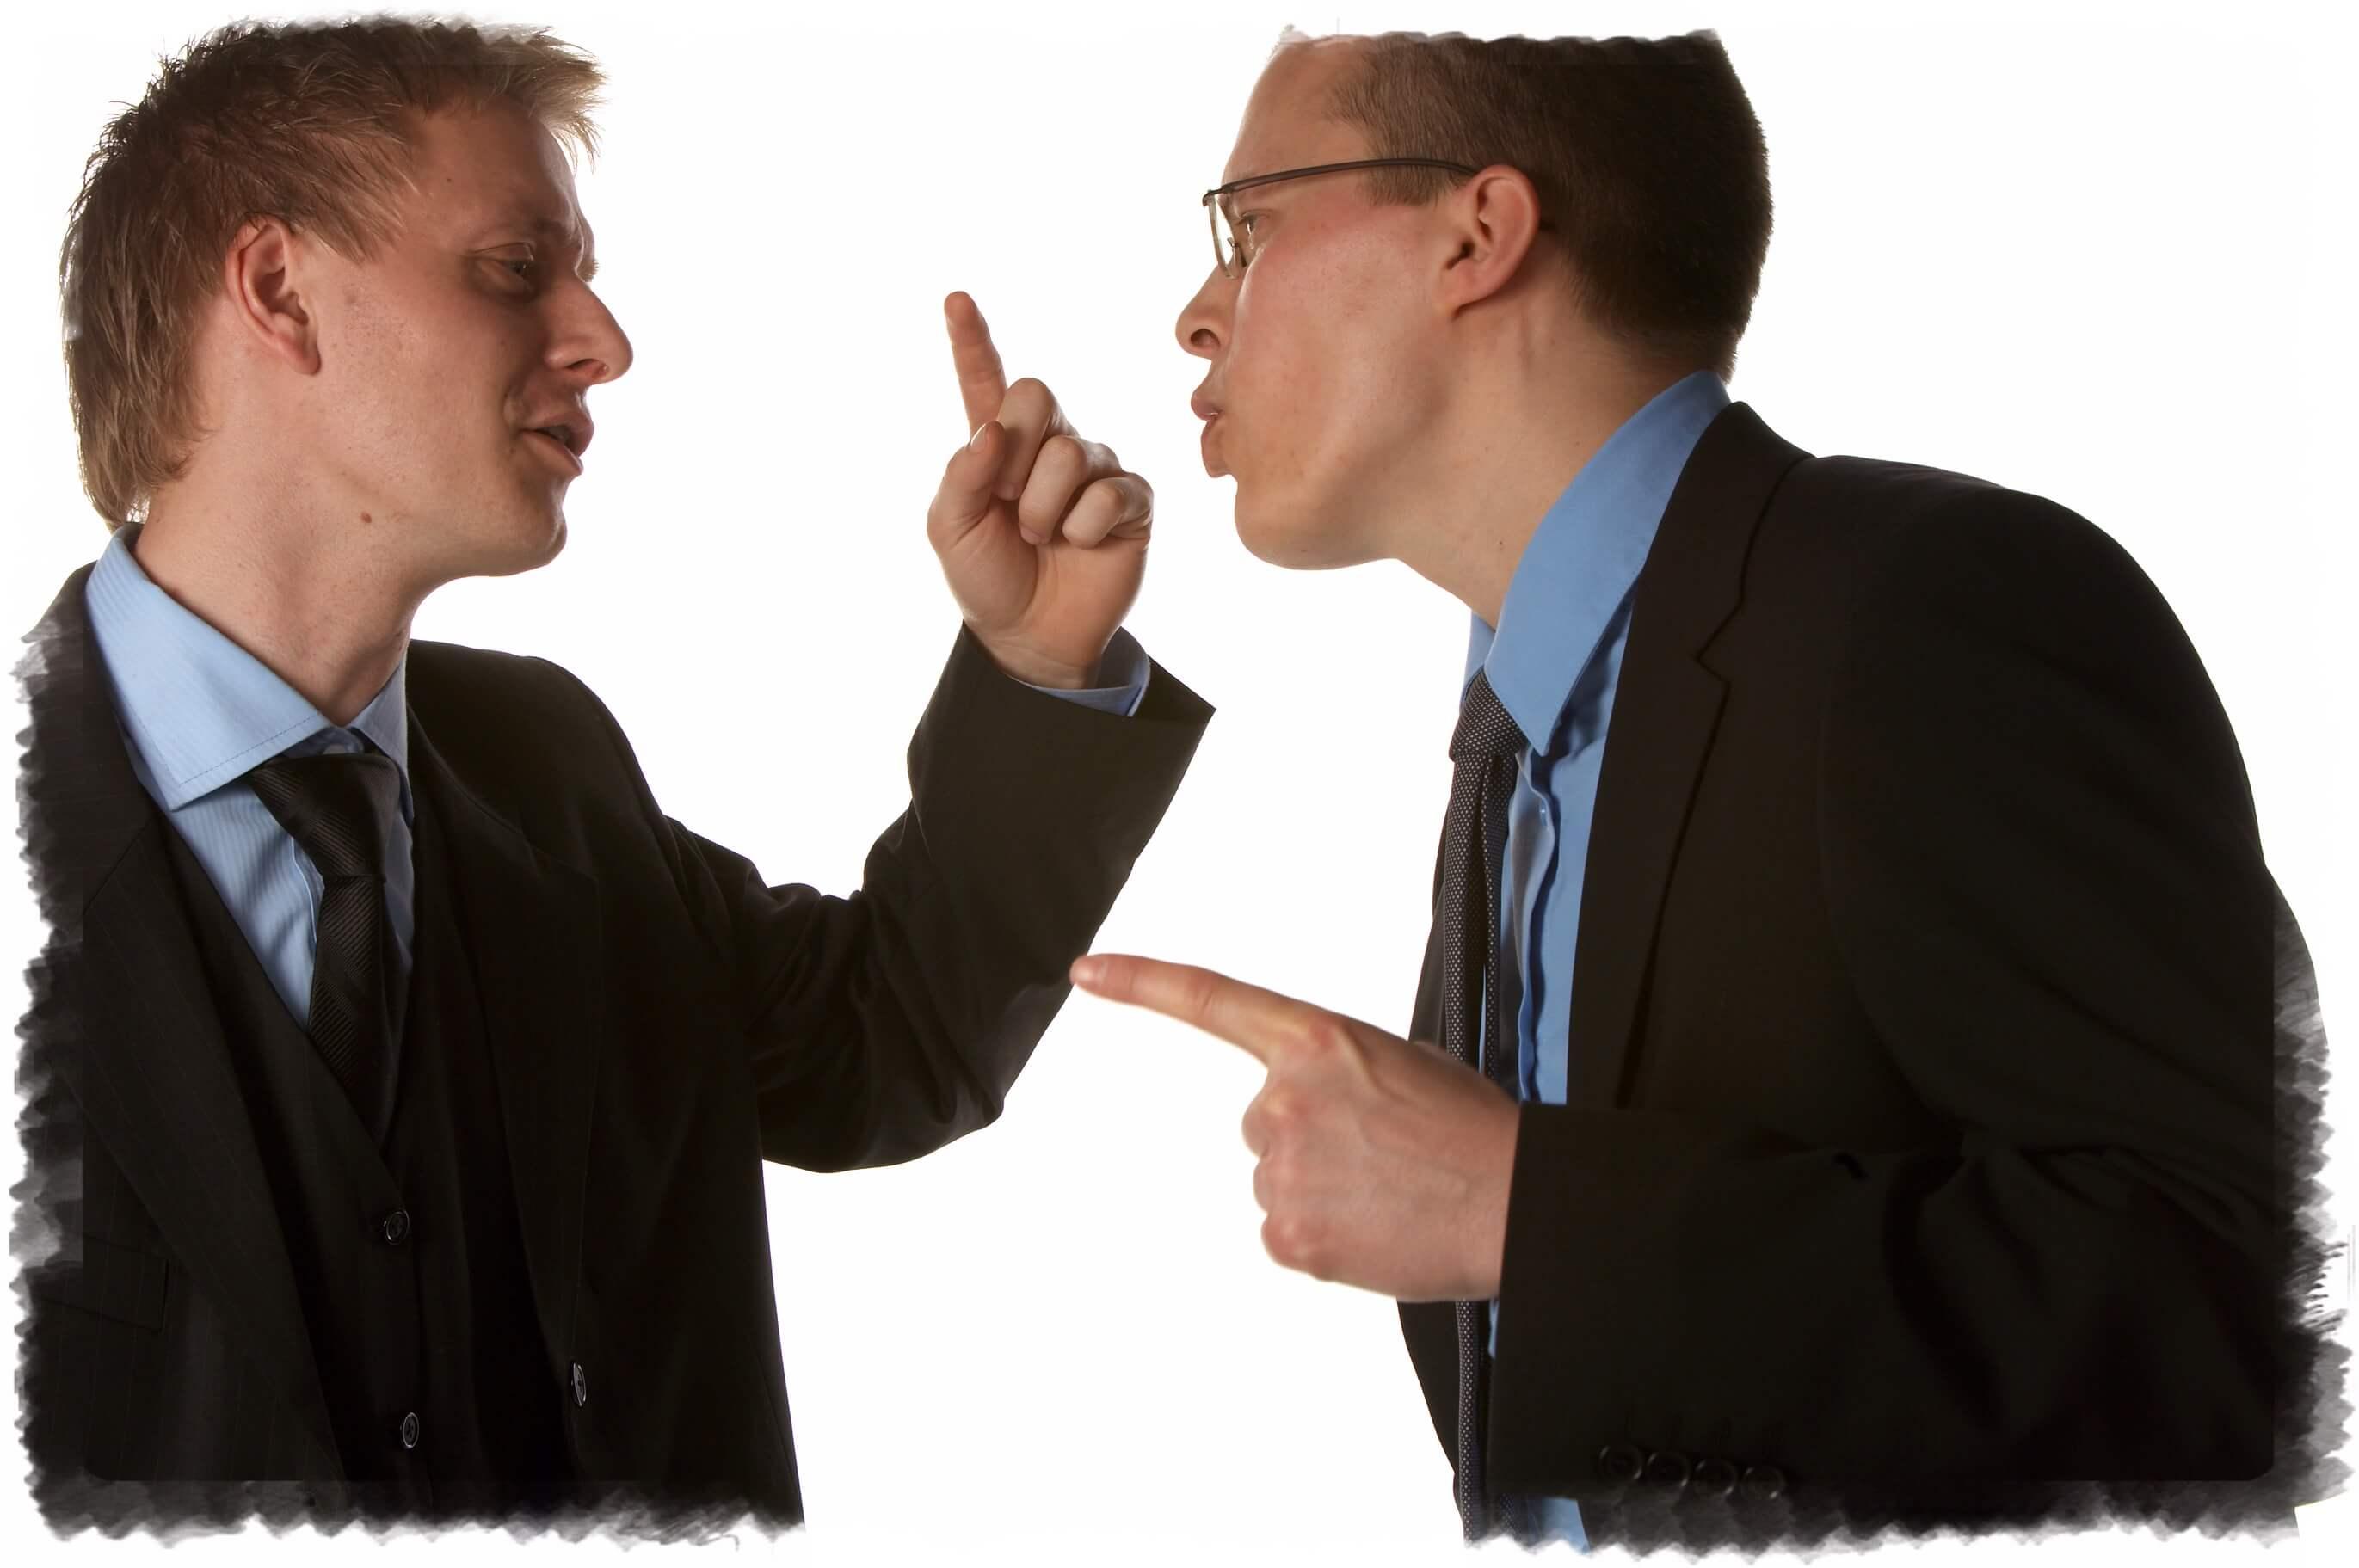 Что делать если тебя оскорбили: способы наказания